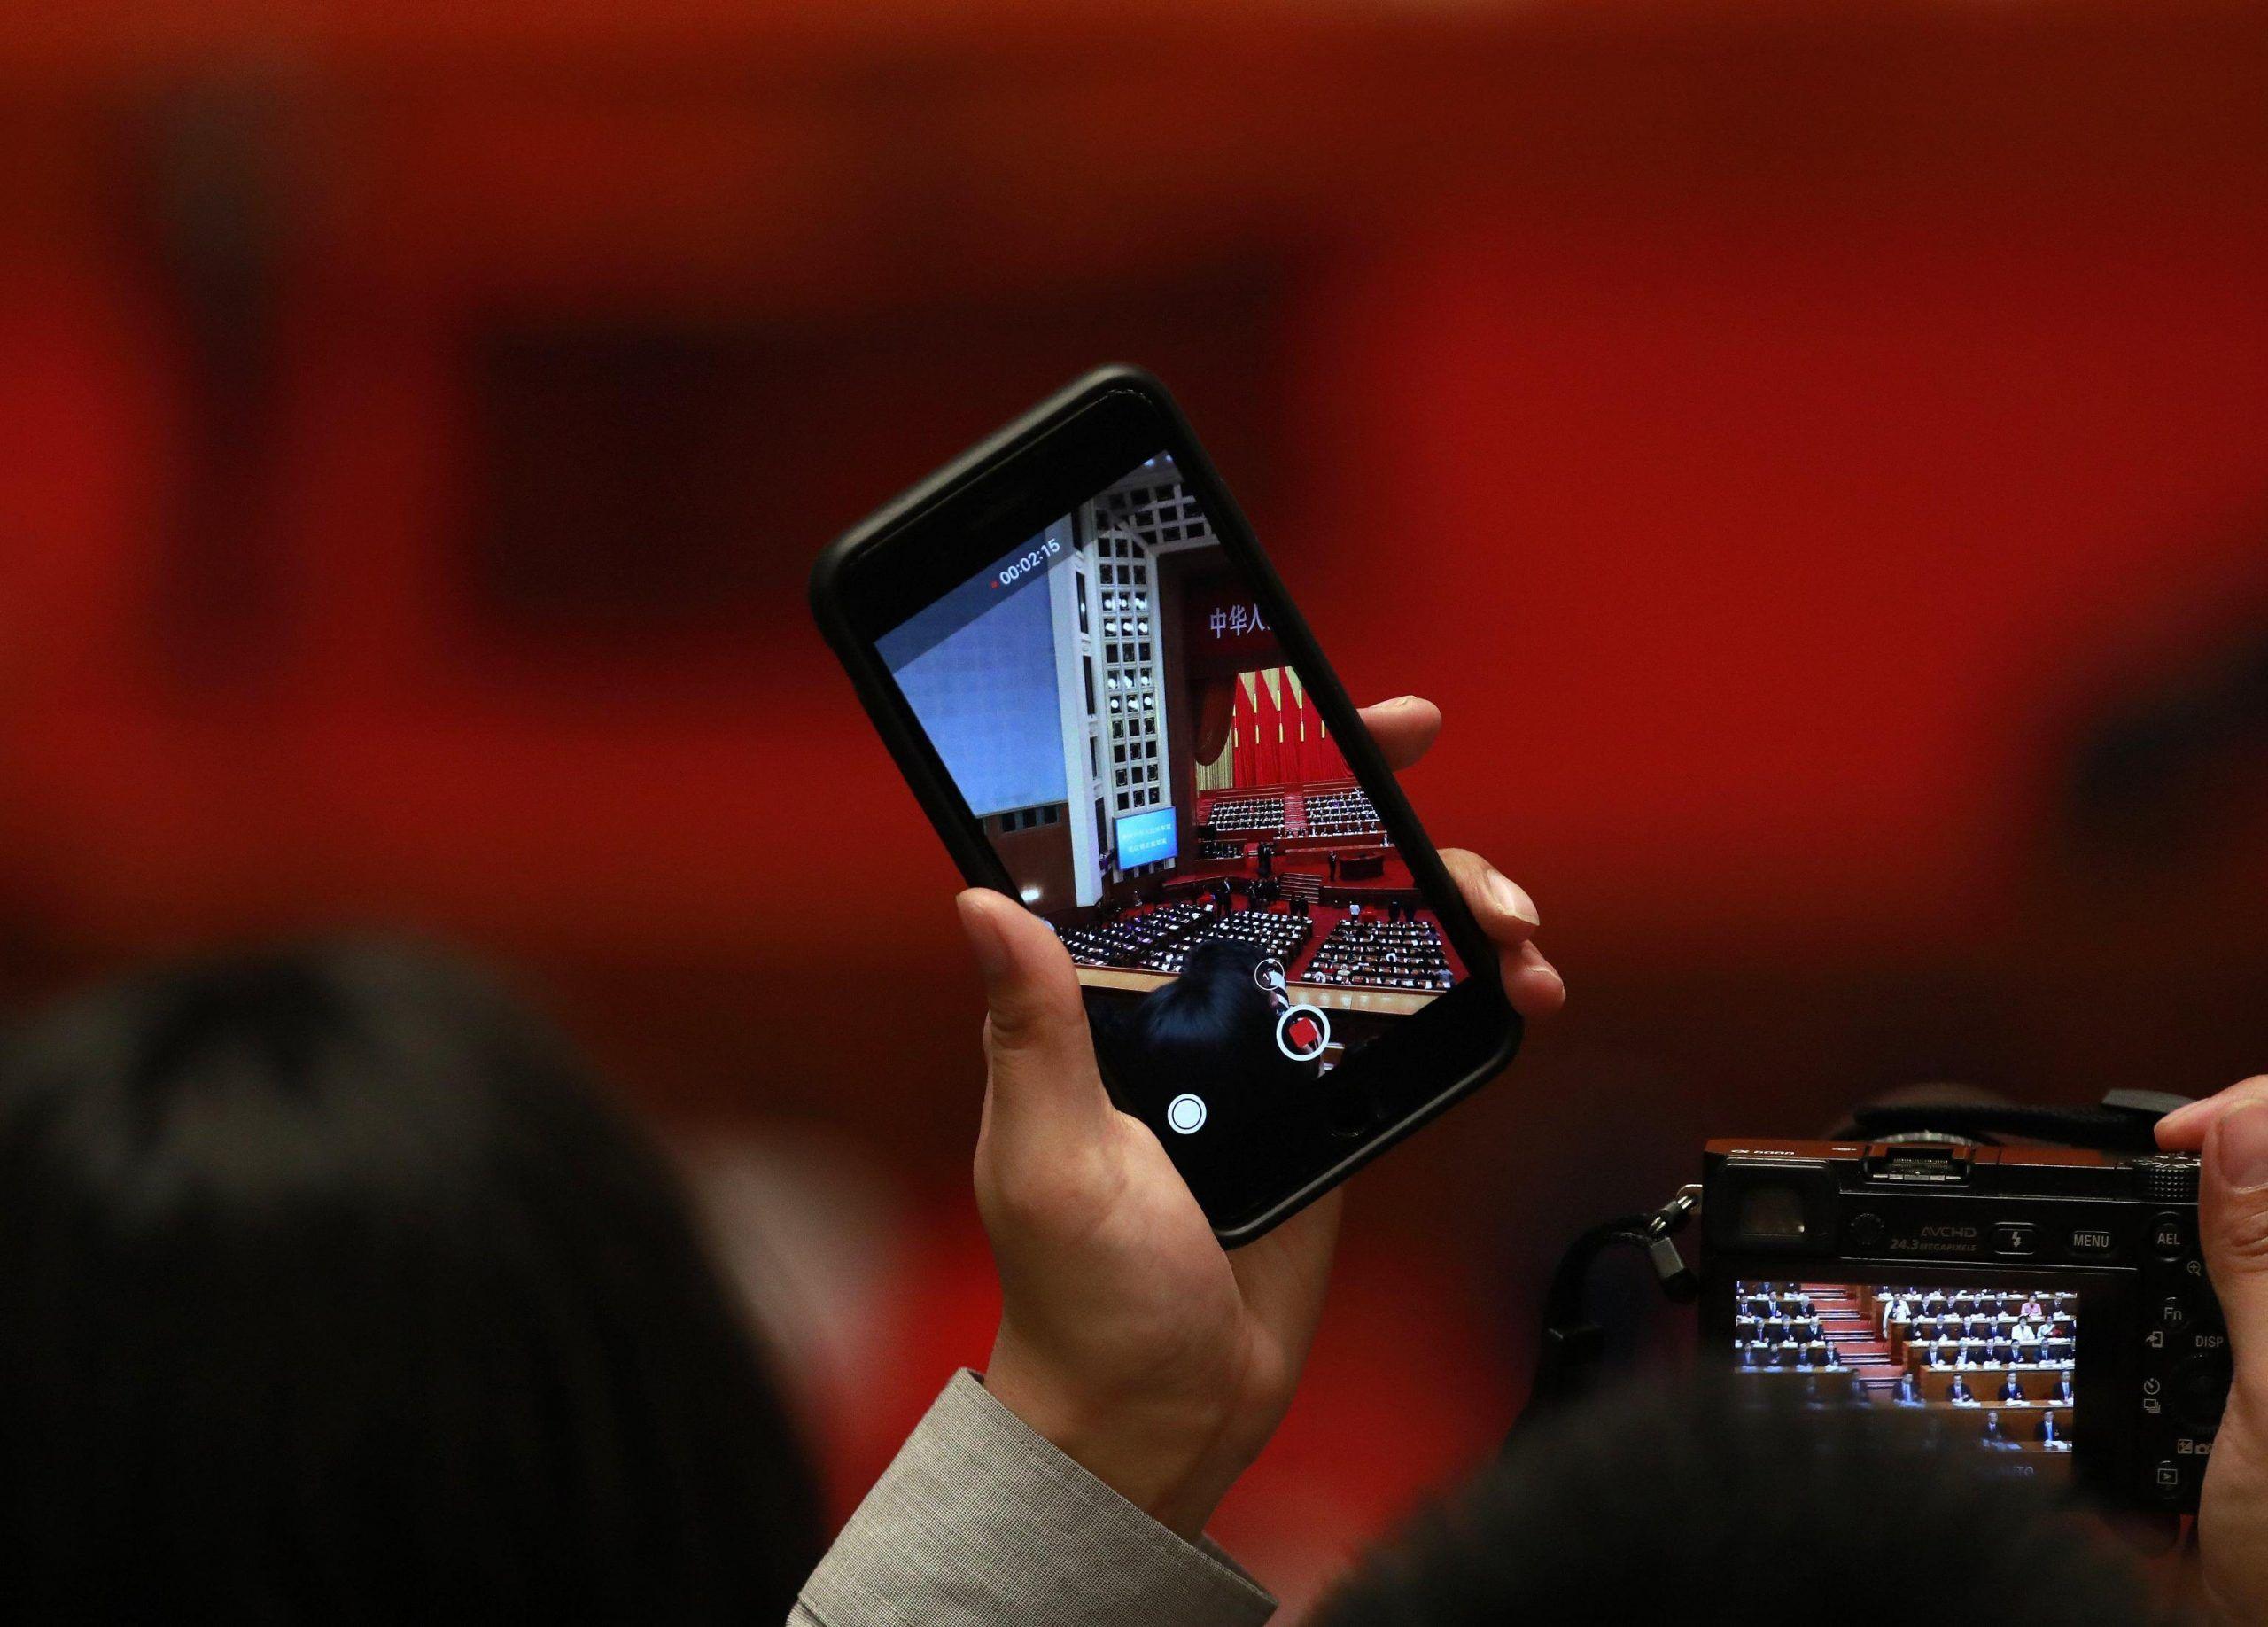 Telefoni cellulari e rietitori causano cancro